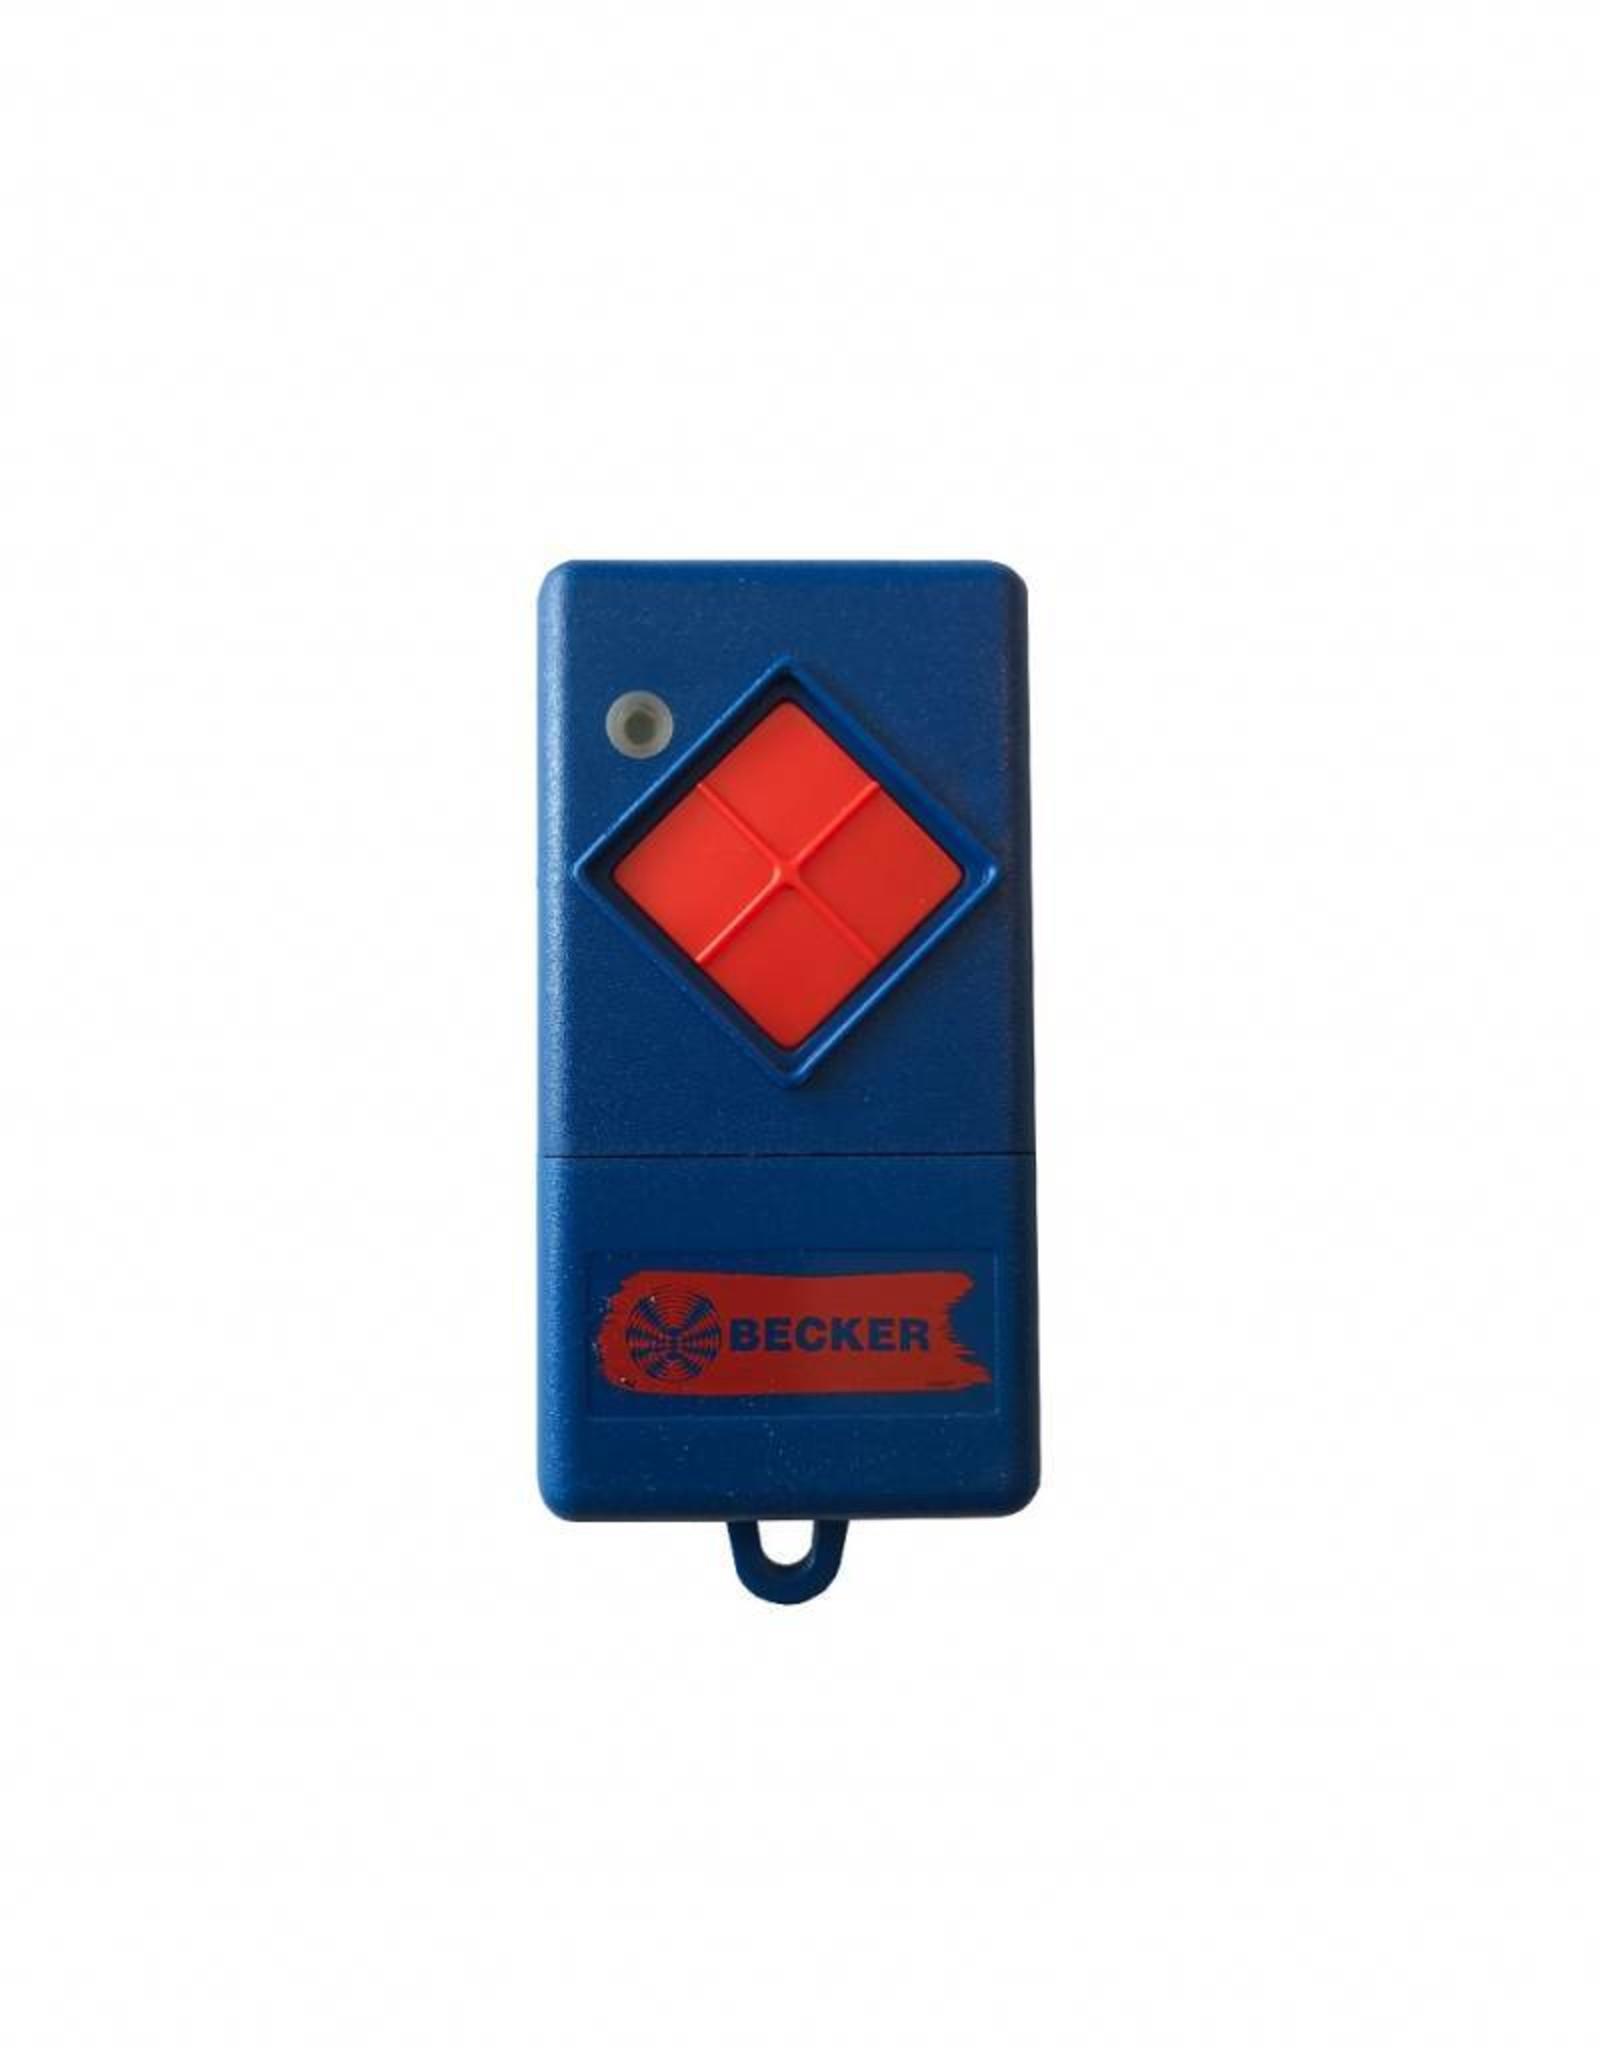 Becker Becker FHS10-01 mini handzender 40 MHz 1-kanaals